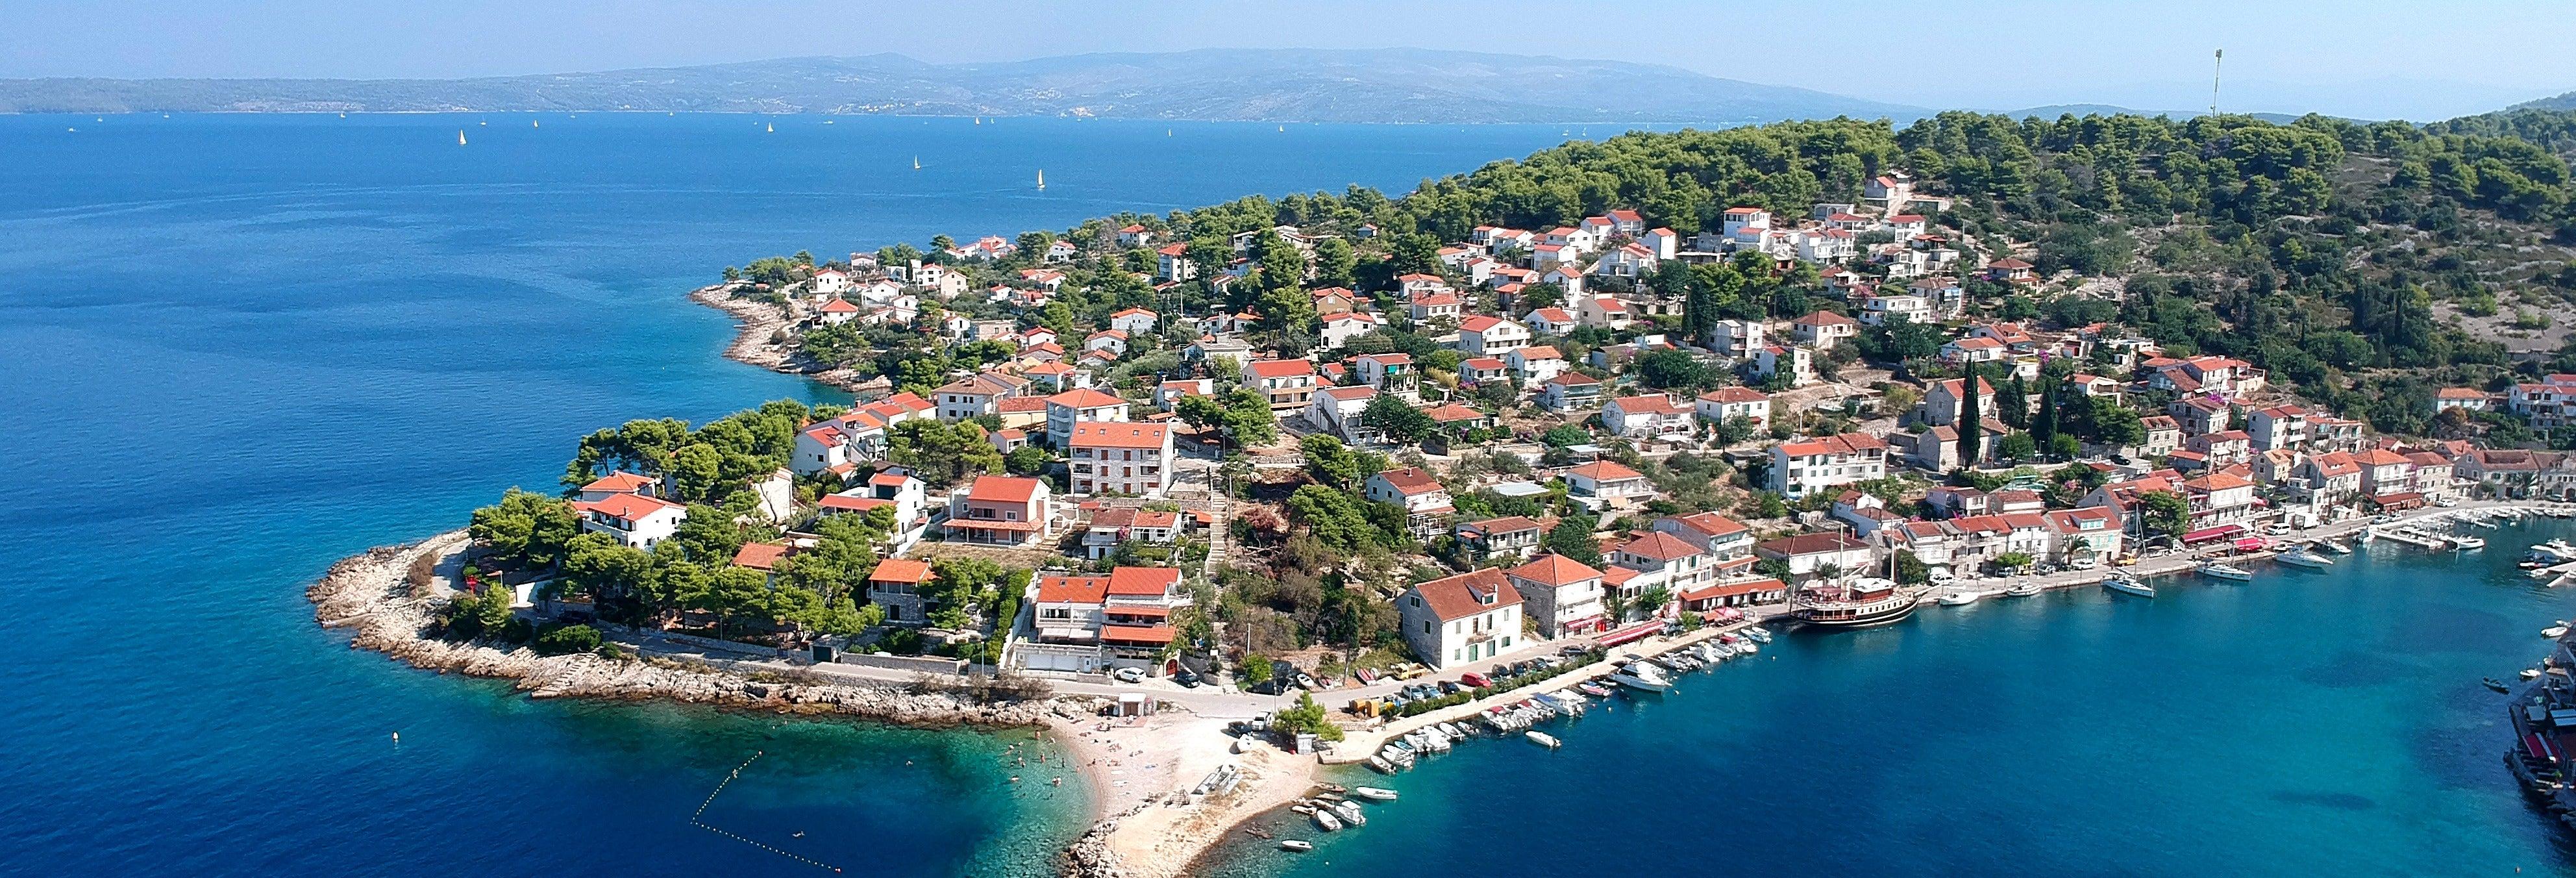 Excursion aux îles de Brač et de Šolta en bateau